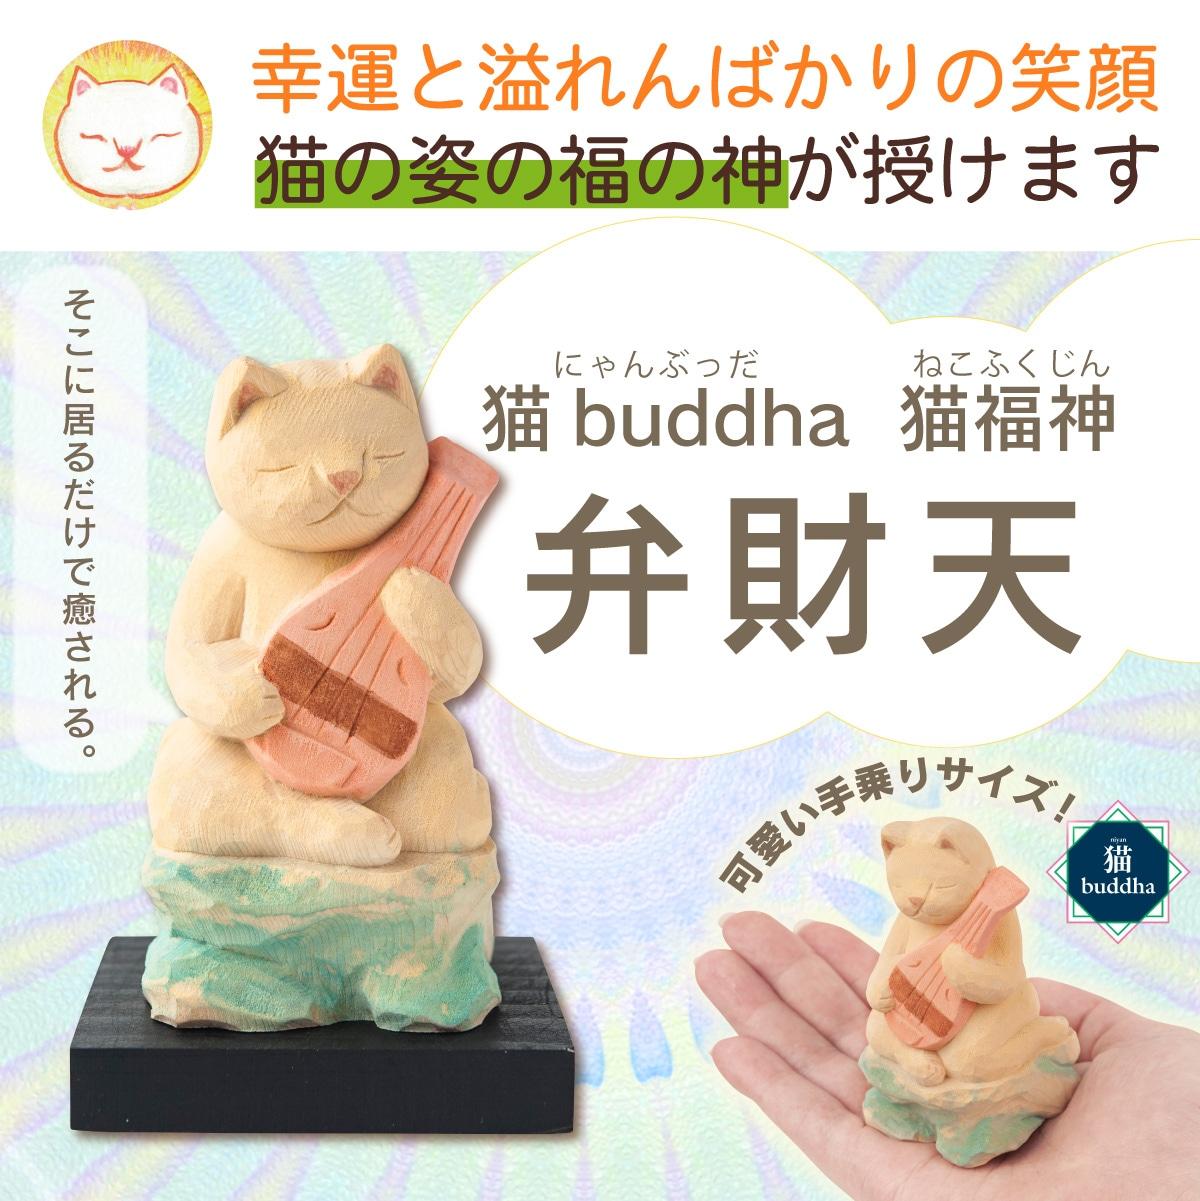 猫buddha 猫福神 弁財天 開運グッズ